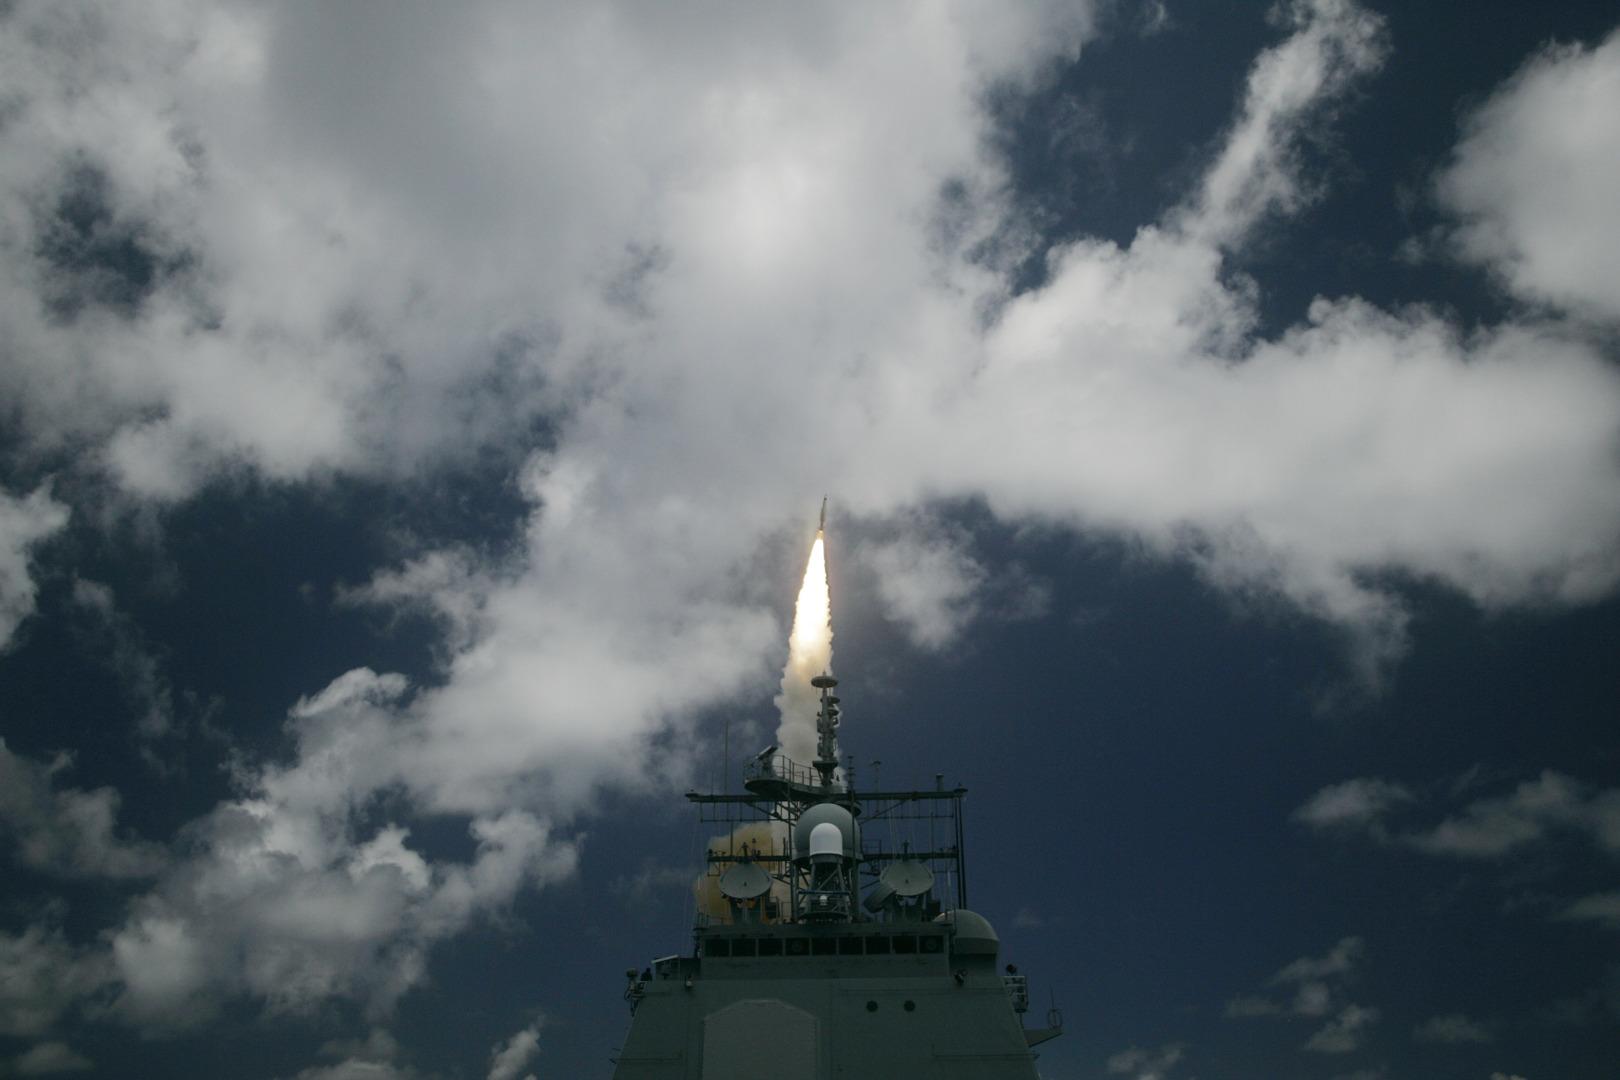 الولايات المتحدة تبدأ في تركيب أنظمة الدفاع الصاروخي